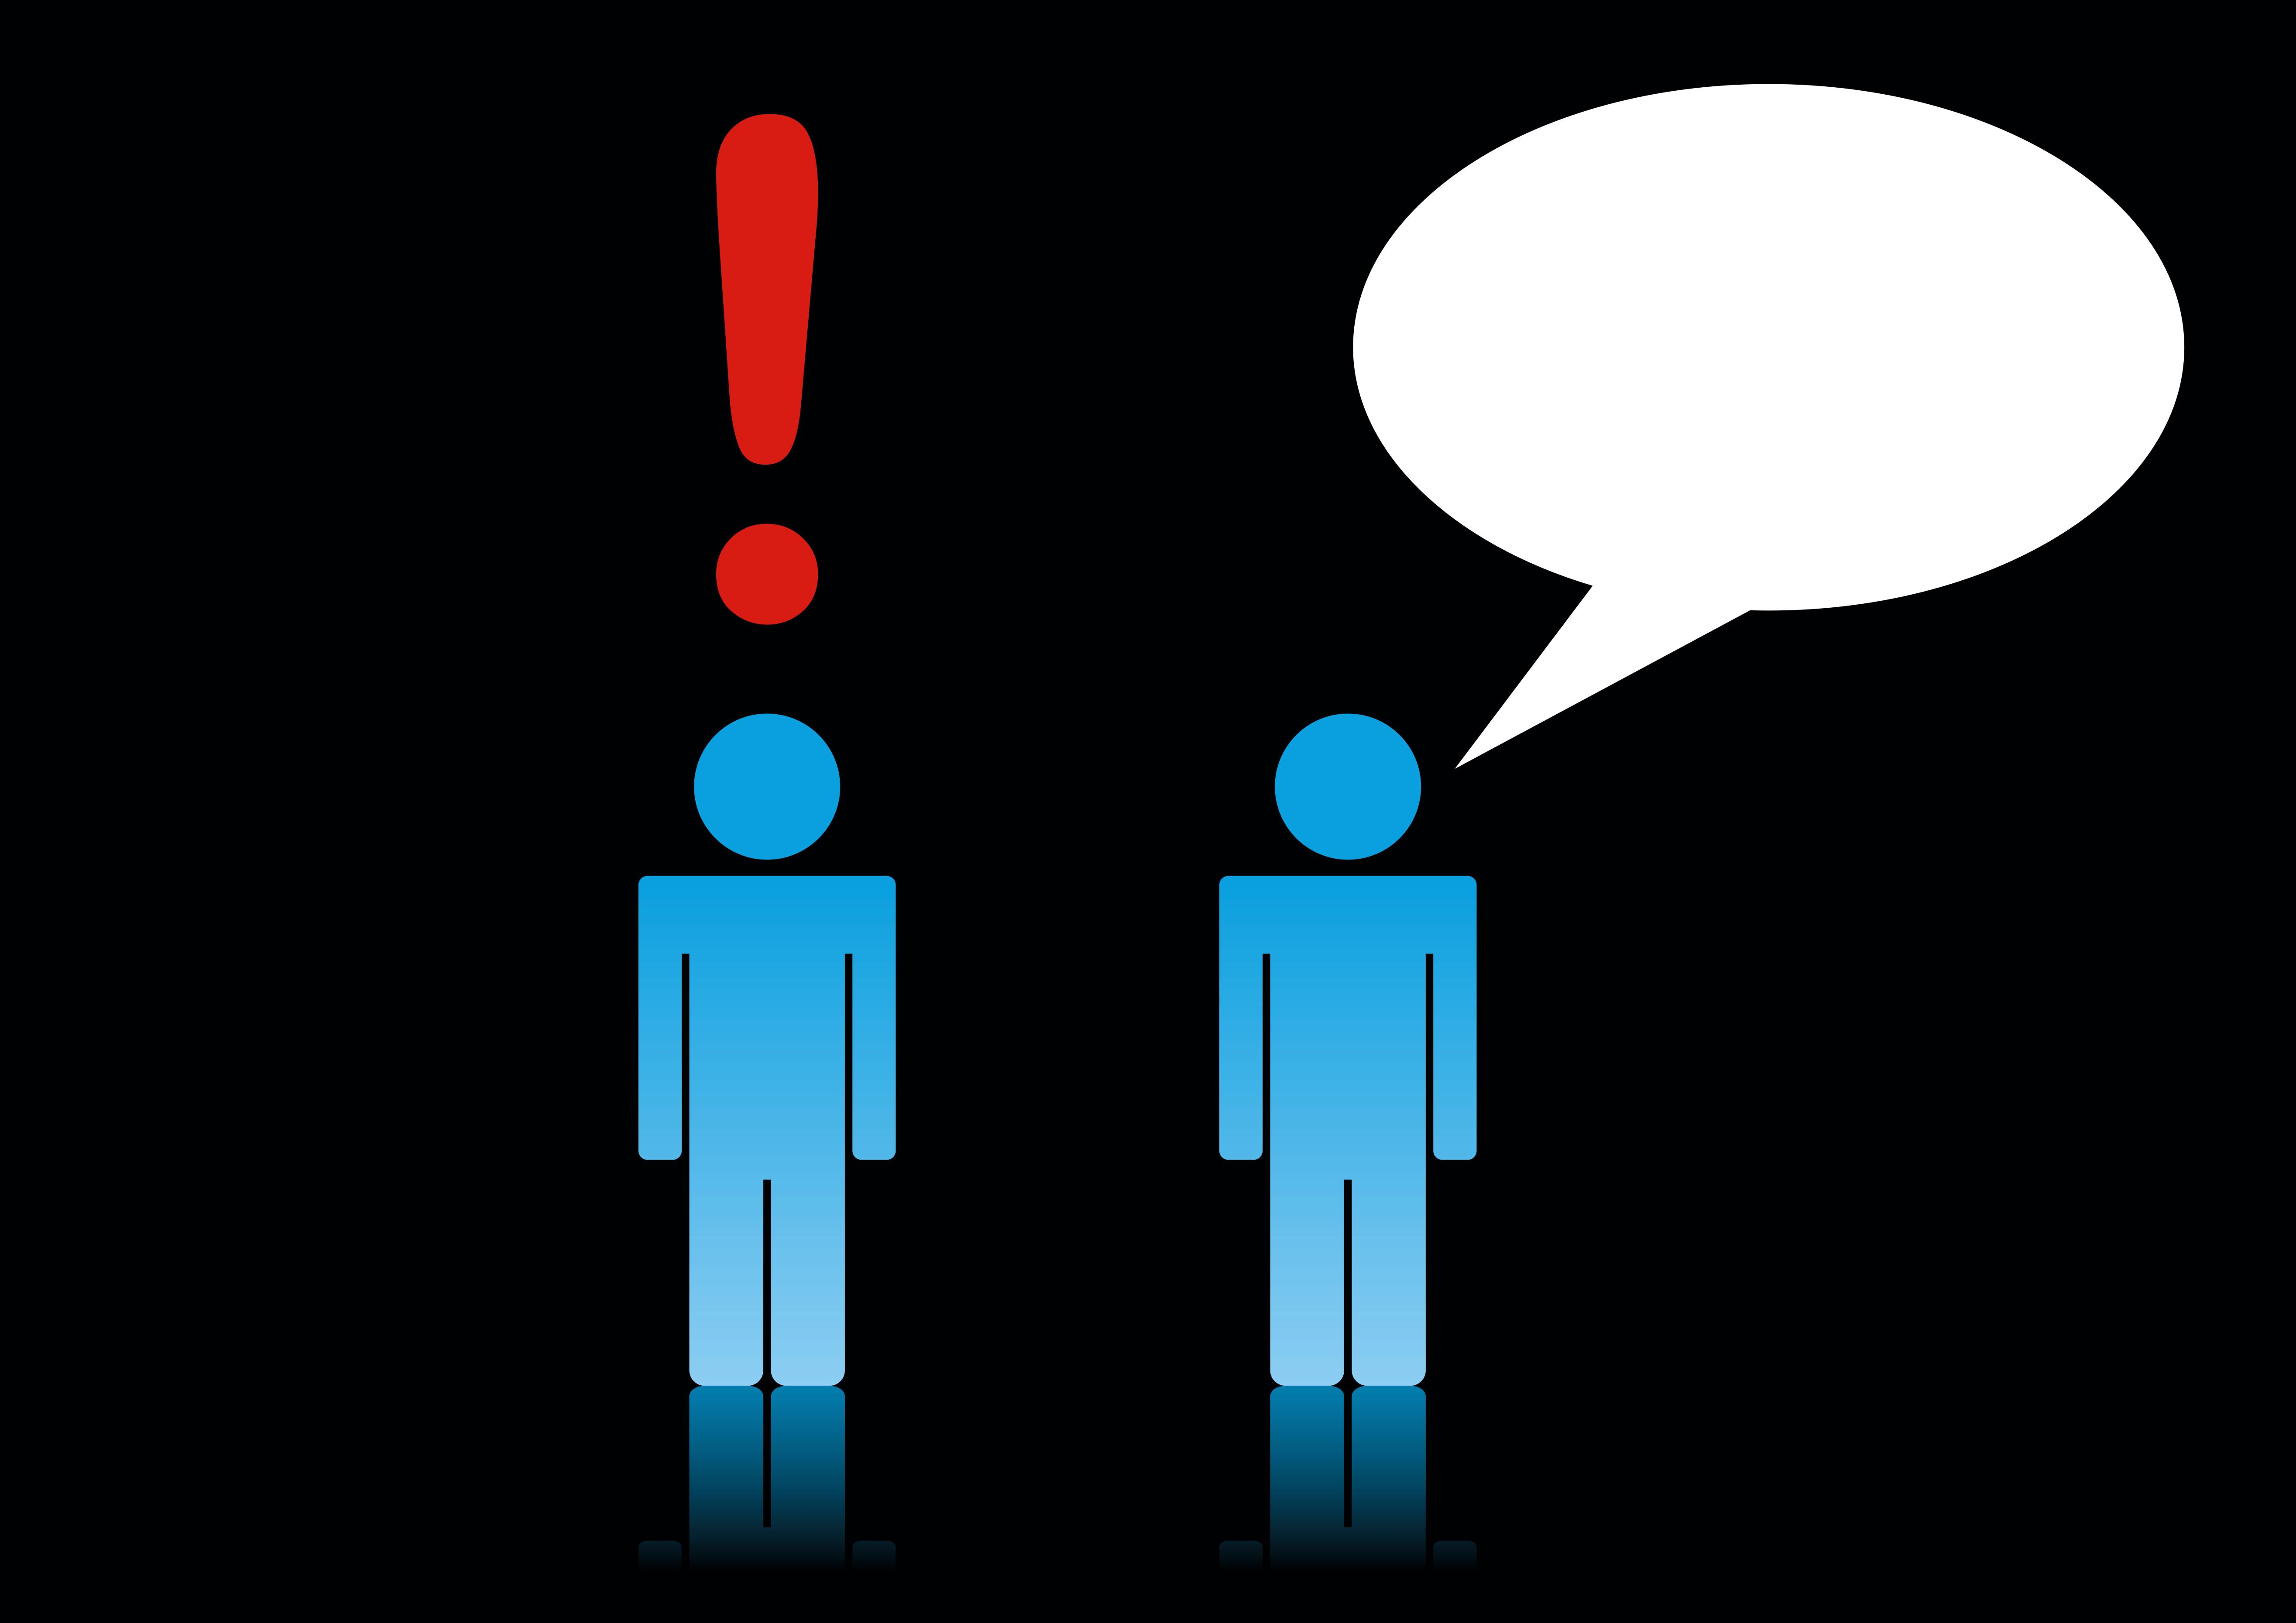 ¿Cómo resuelves los conflictos con tus hijos e hijas?